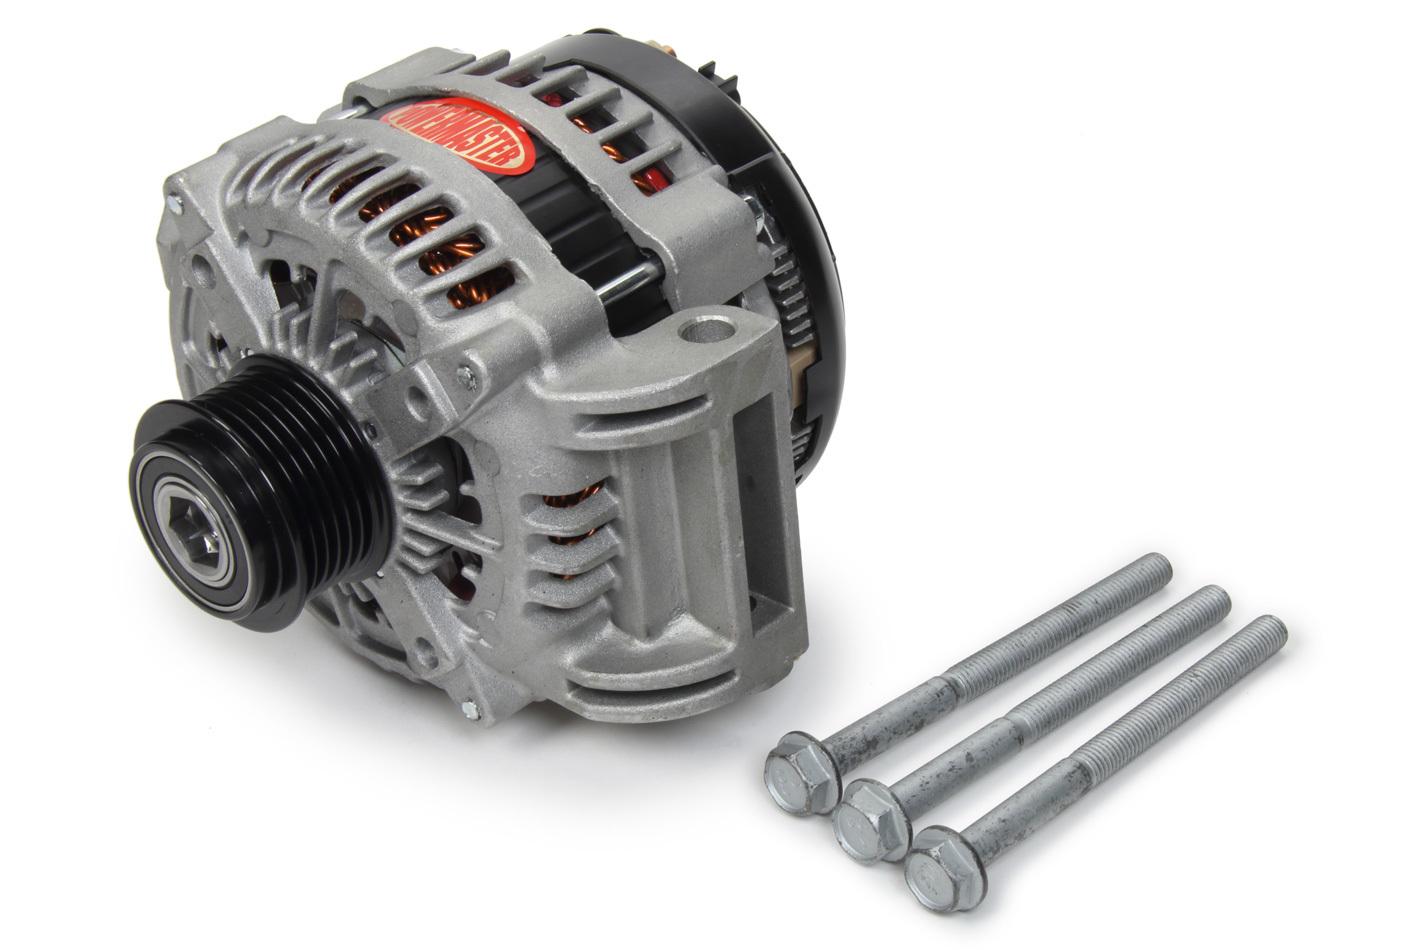 Powermaster 41576 Alternator, 245 amp, 12V, OEM 2-Pin, 6 Rib Serpentine Pulley, Natural, Denso Style, Mopar Gen III Hemi, Mopar LC-Body / LD-Body 2011-15, Each